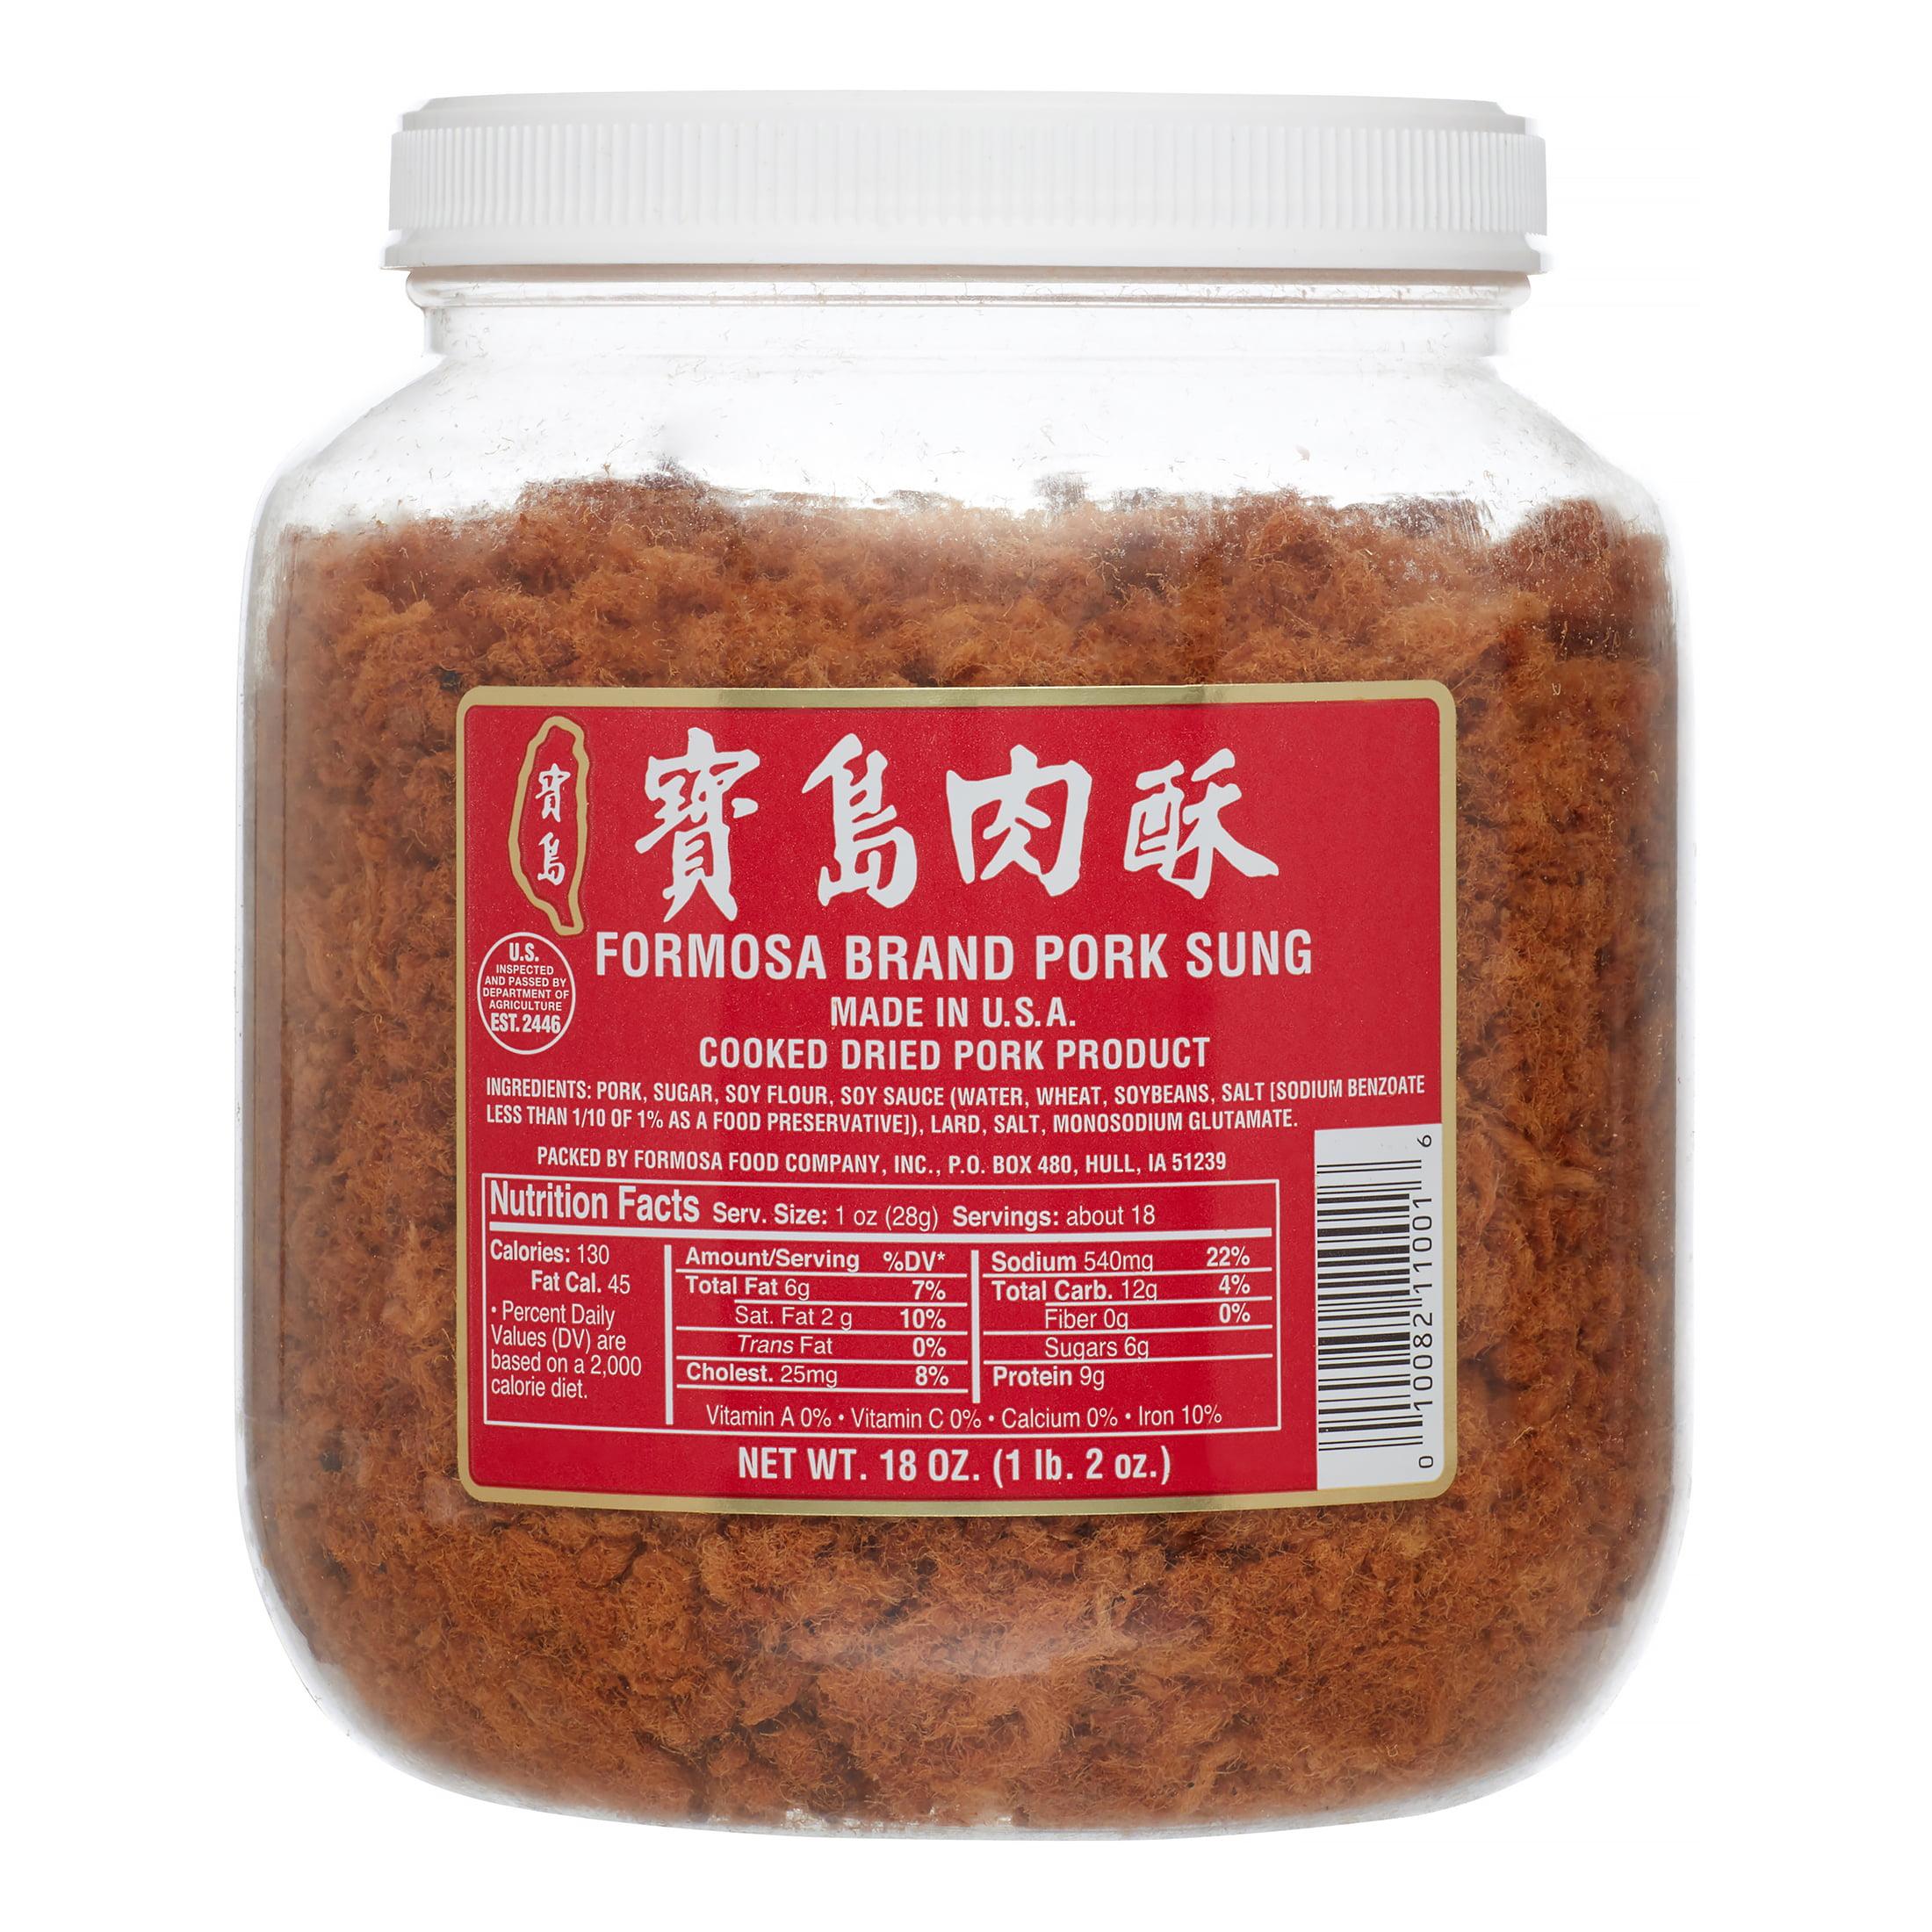 Formosa Large Pork Sung, 18.0 Oz by Formosa